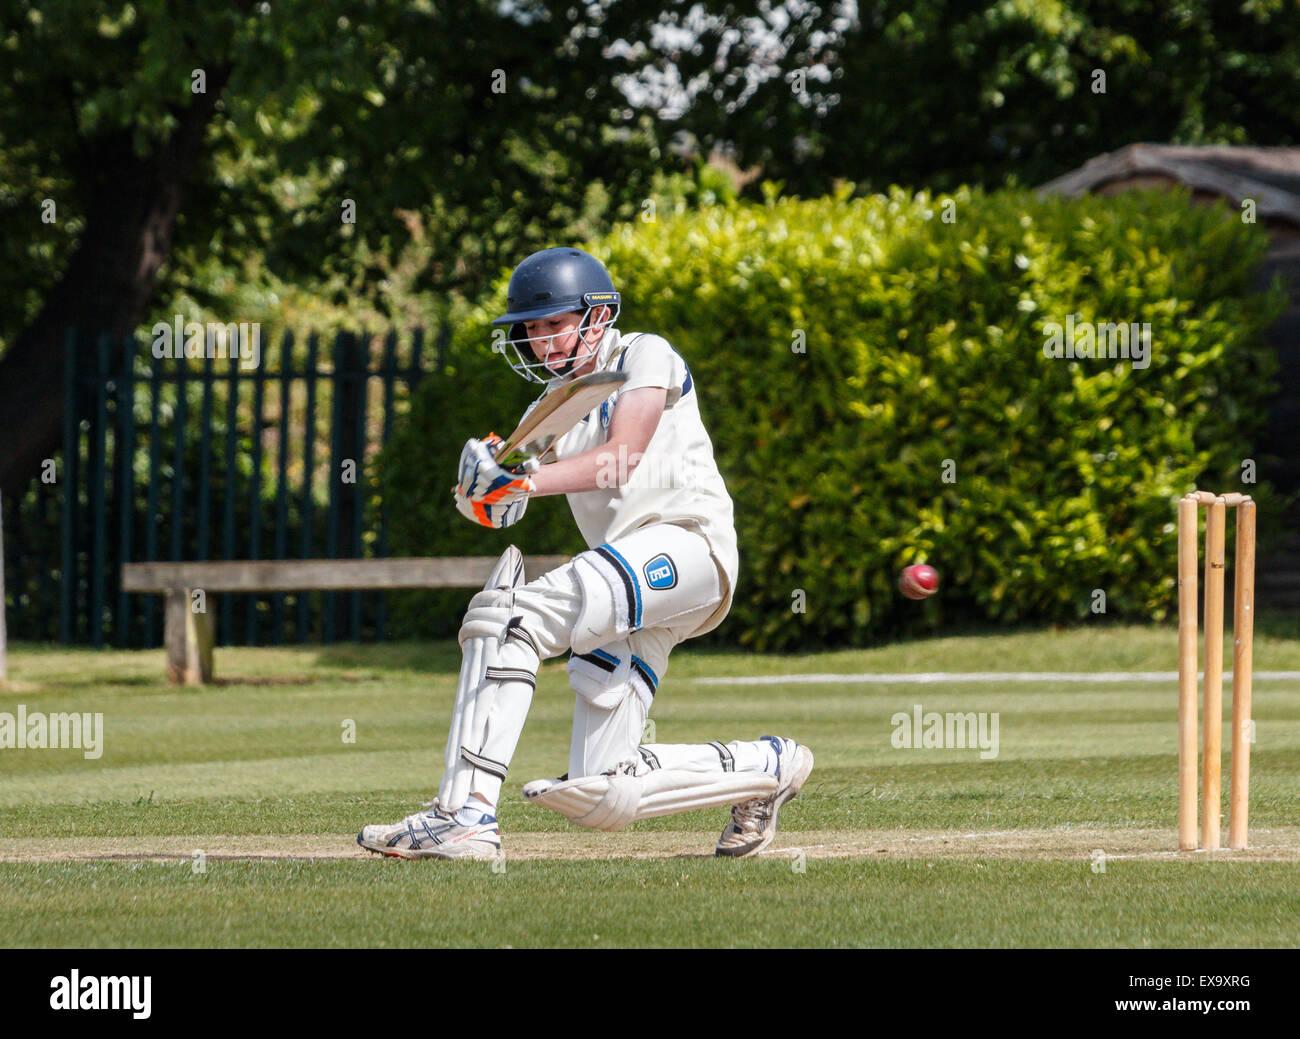 Una adolescente batsman juega un disparo mientras bateo escuela durante un partido de cricket. Él está Imagen De Stock